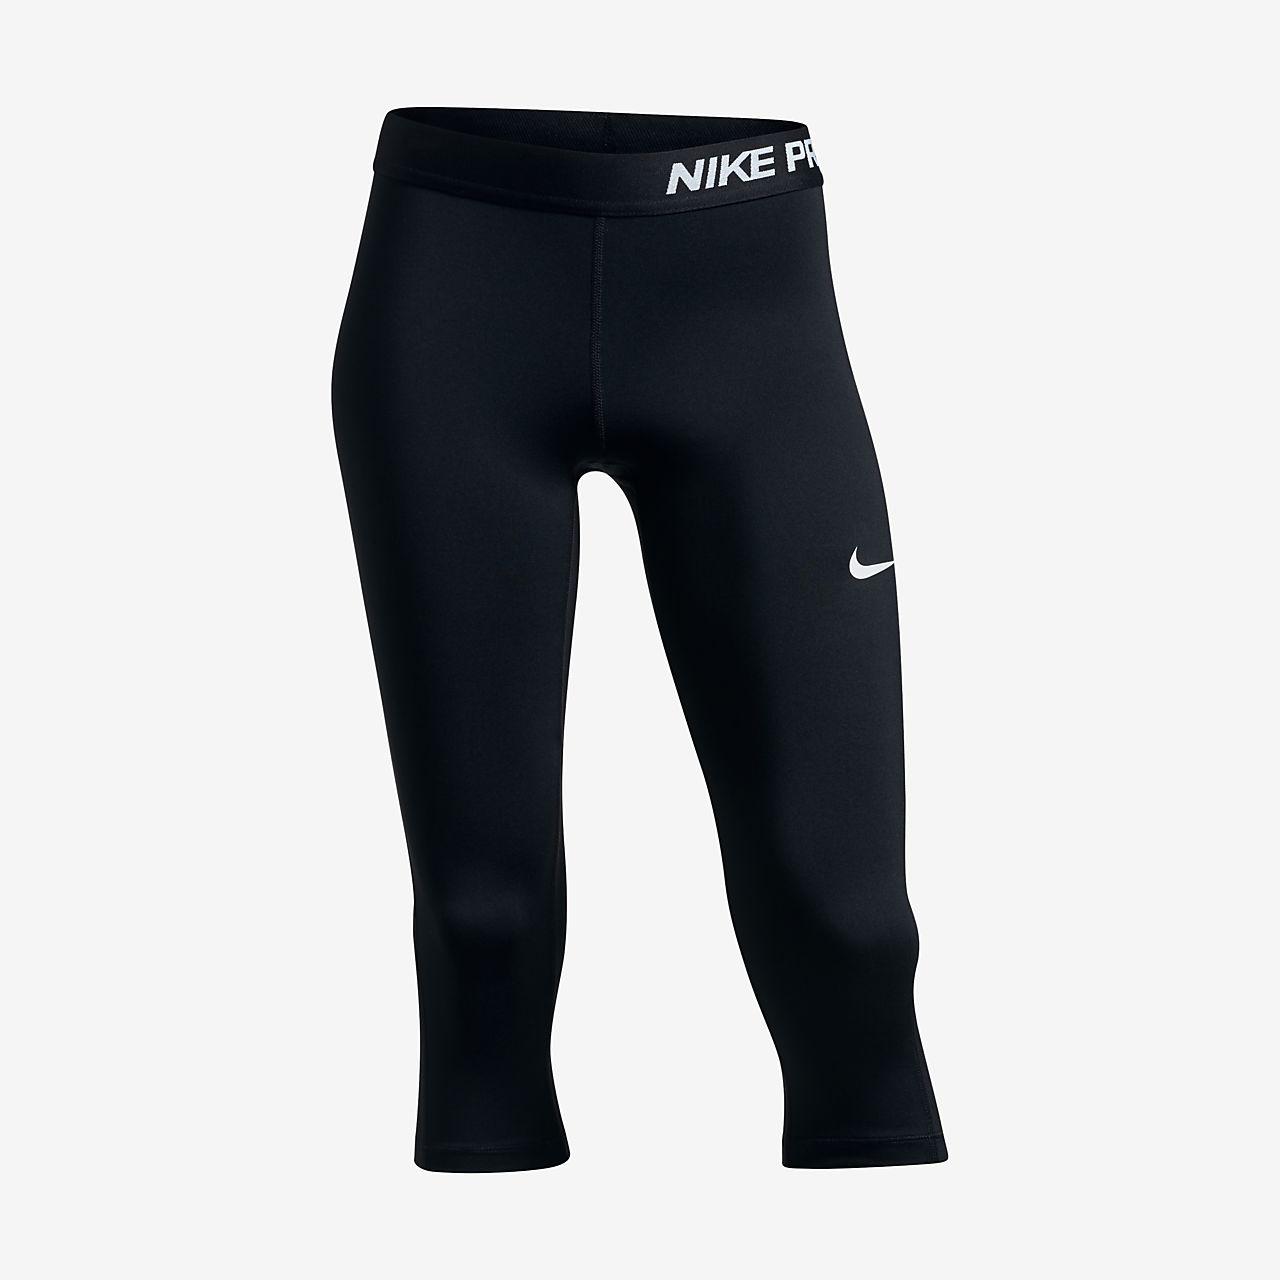 Nike Pro Cool Girls Training Capris Black/Black/White COMUK:1846